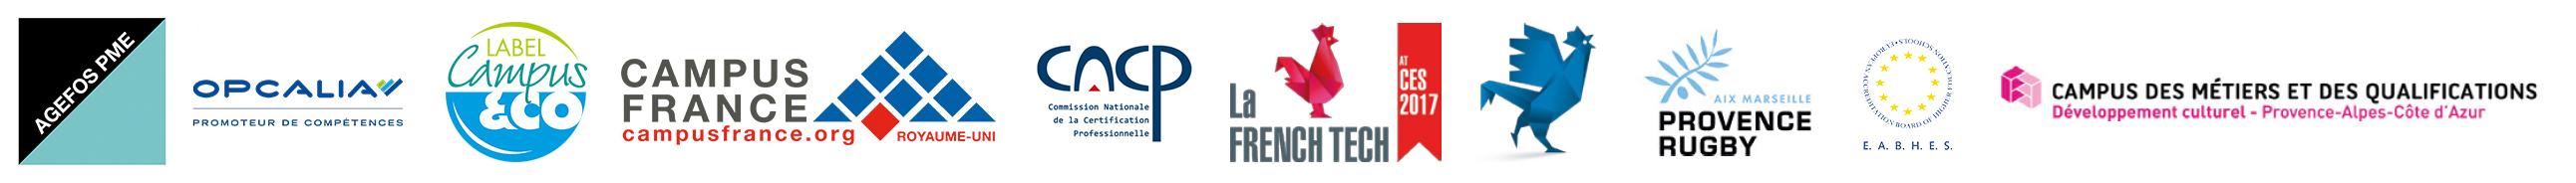 Partneriat ecole de design ESDAC à Lille et lyon